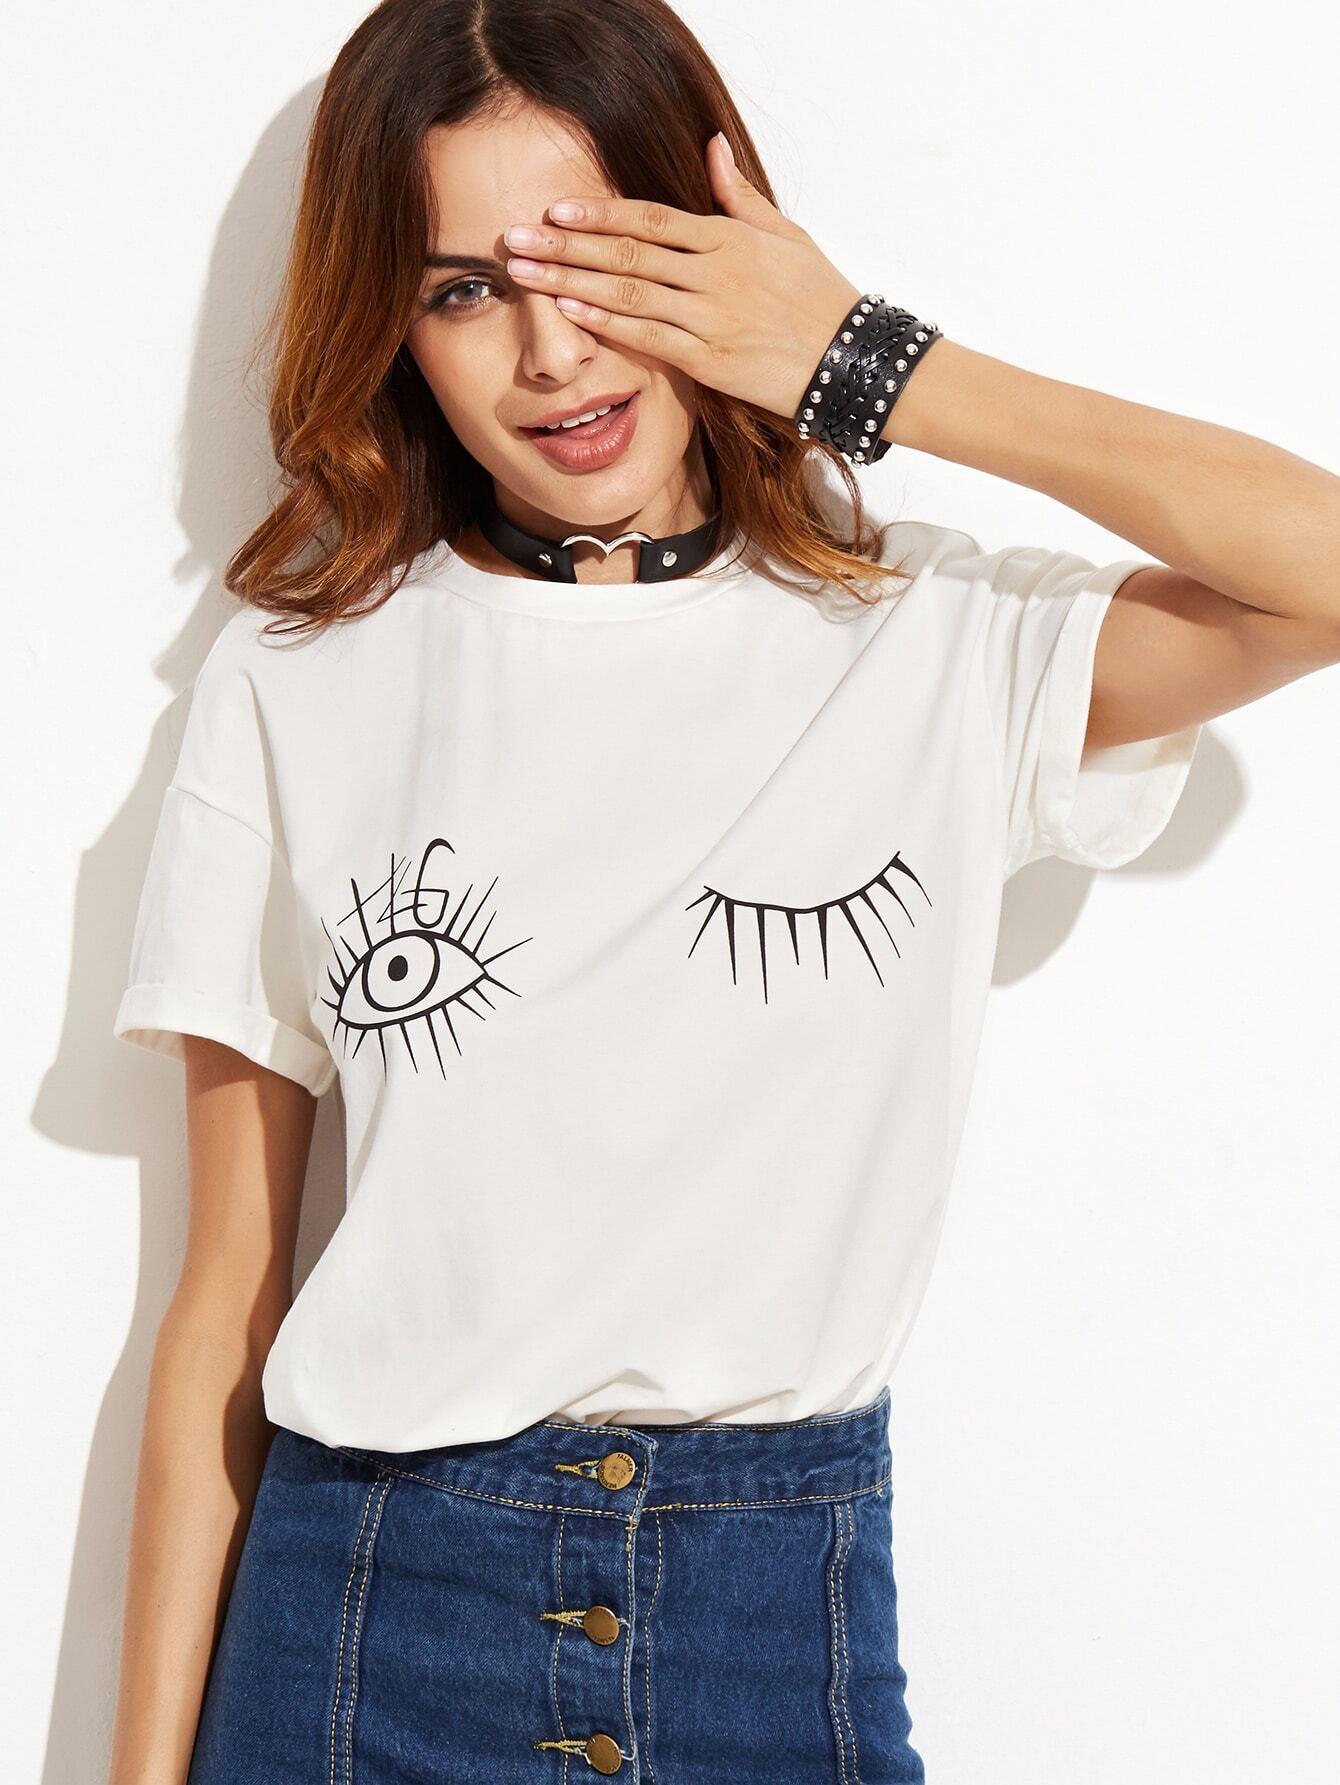 White Wink Eyes Print Drop Shoulder T-shirtWhite Wink Eyes Print Drop Shoulder T-shirt<br><br>color: White<br>size: L,M,S,XS